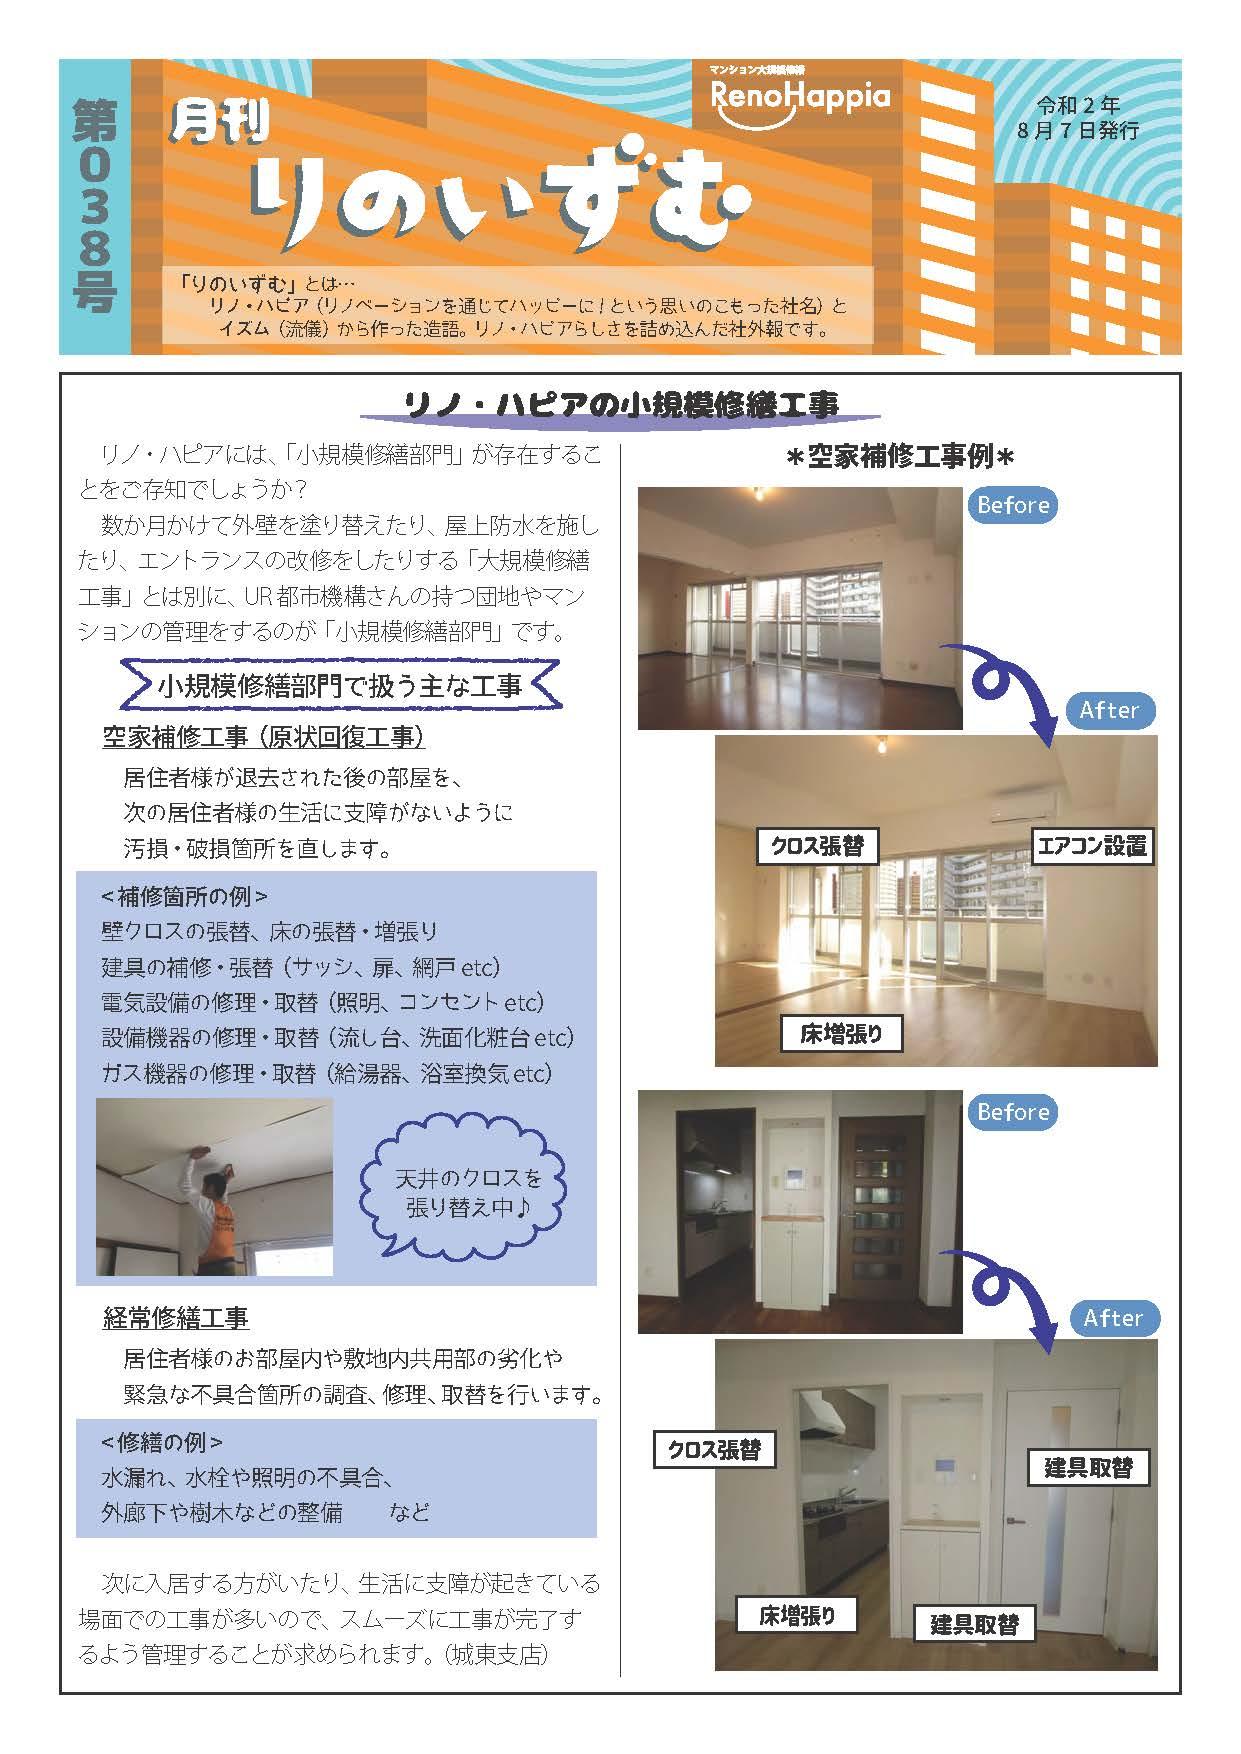 社外報第38号-min_ページ_1